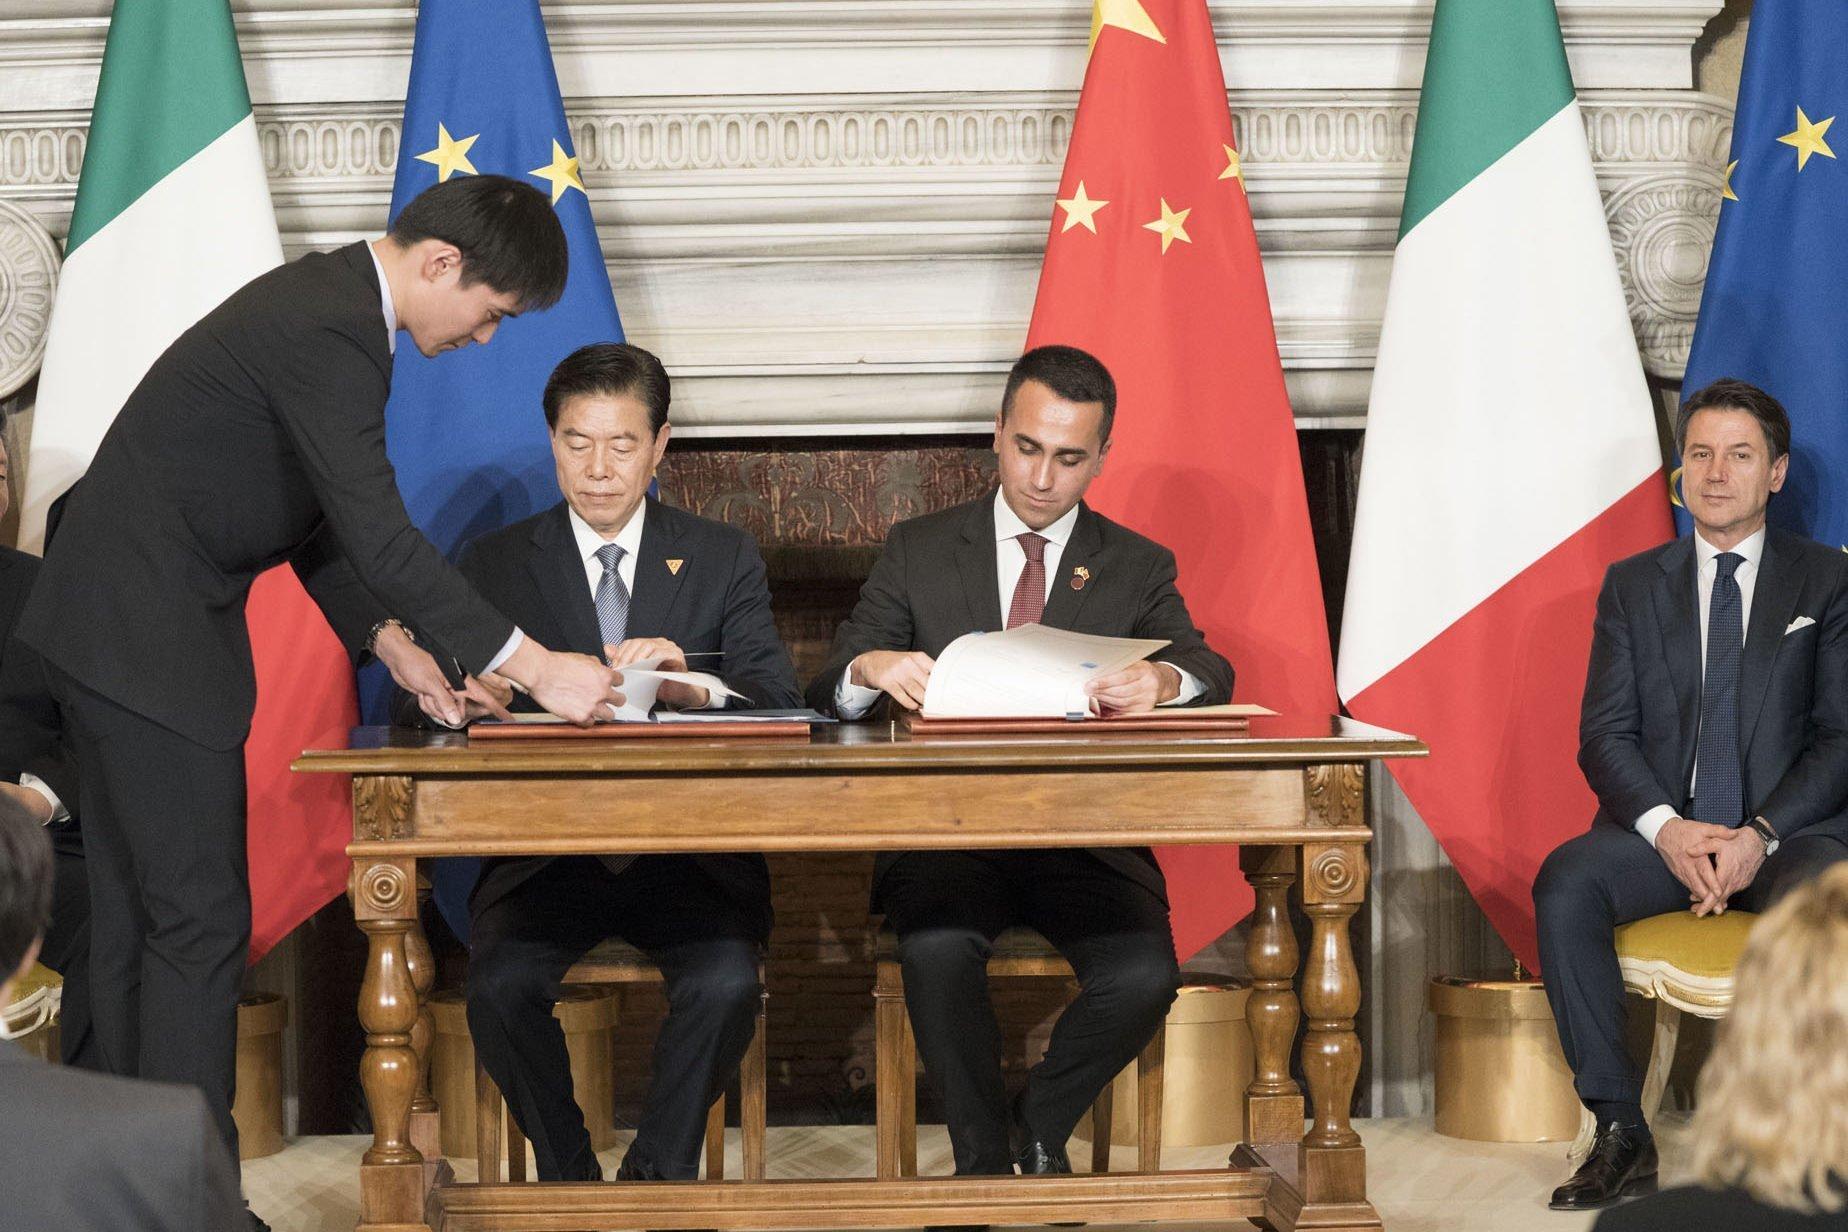 La verità sull'accordo con la Cina